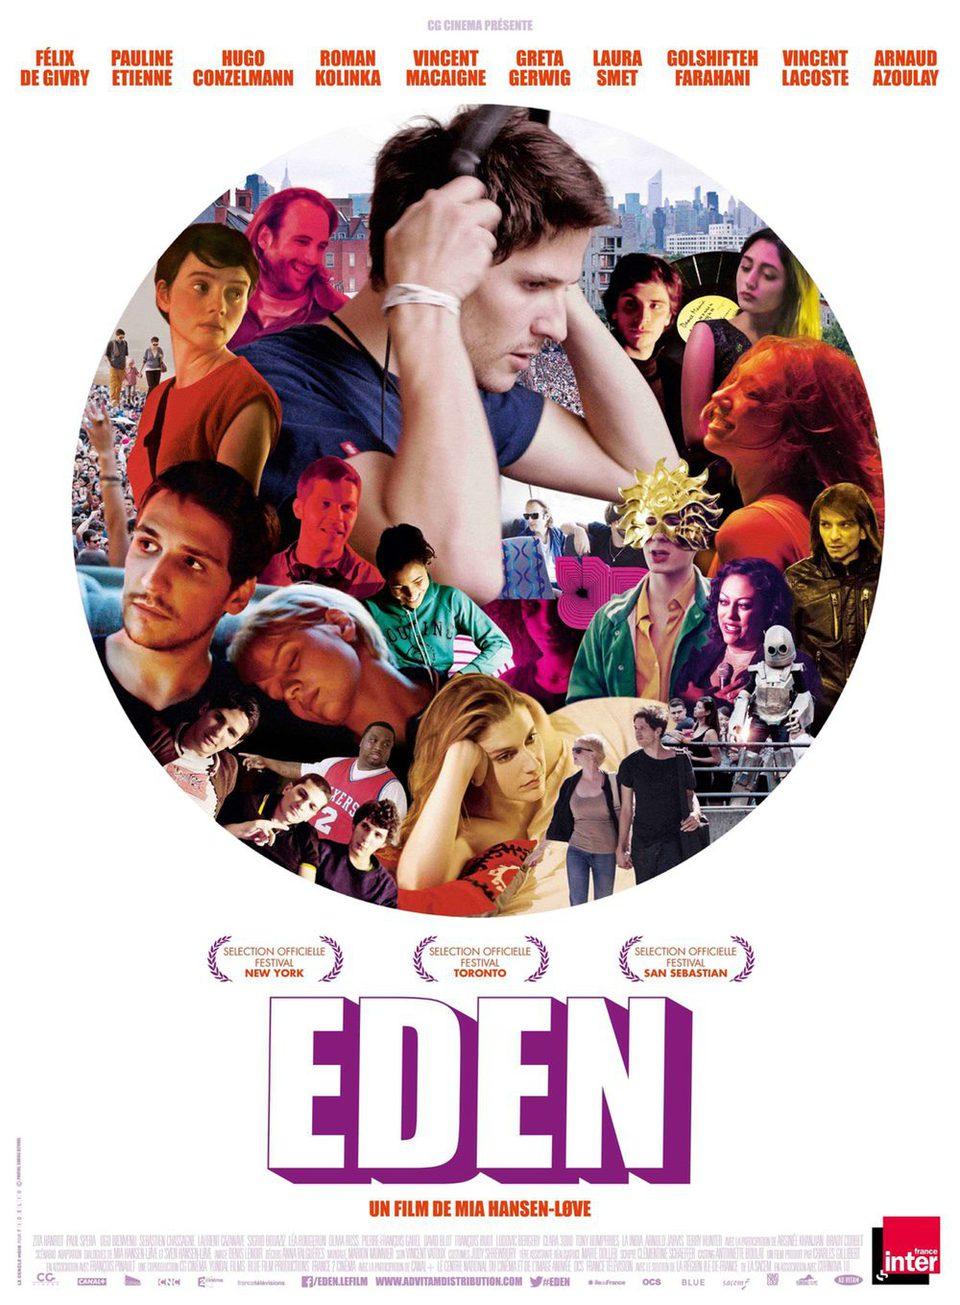 Cartel Francia de 'Eden'